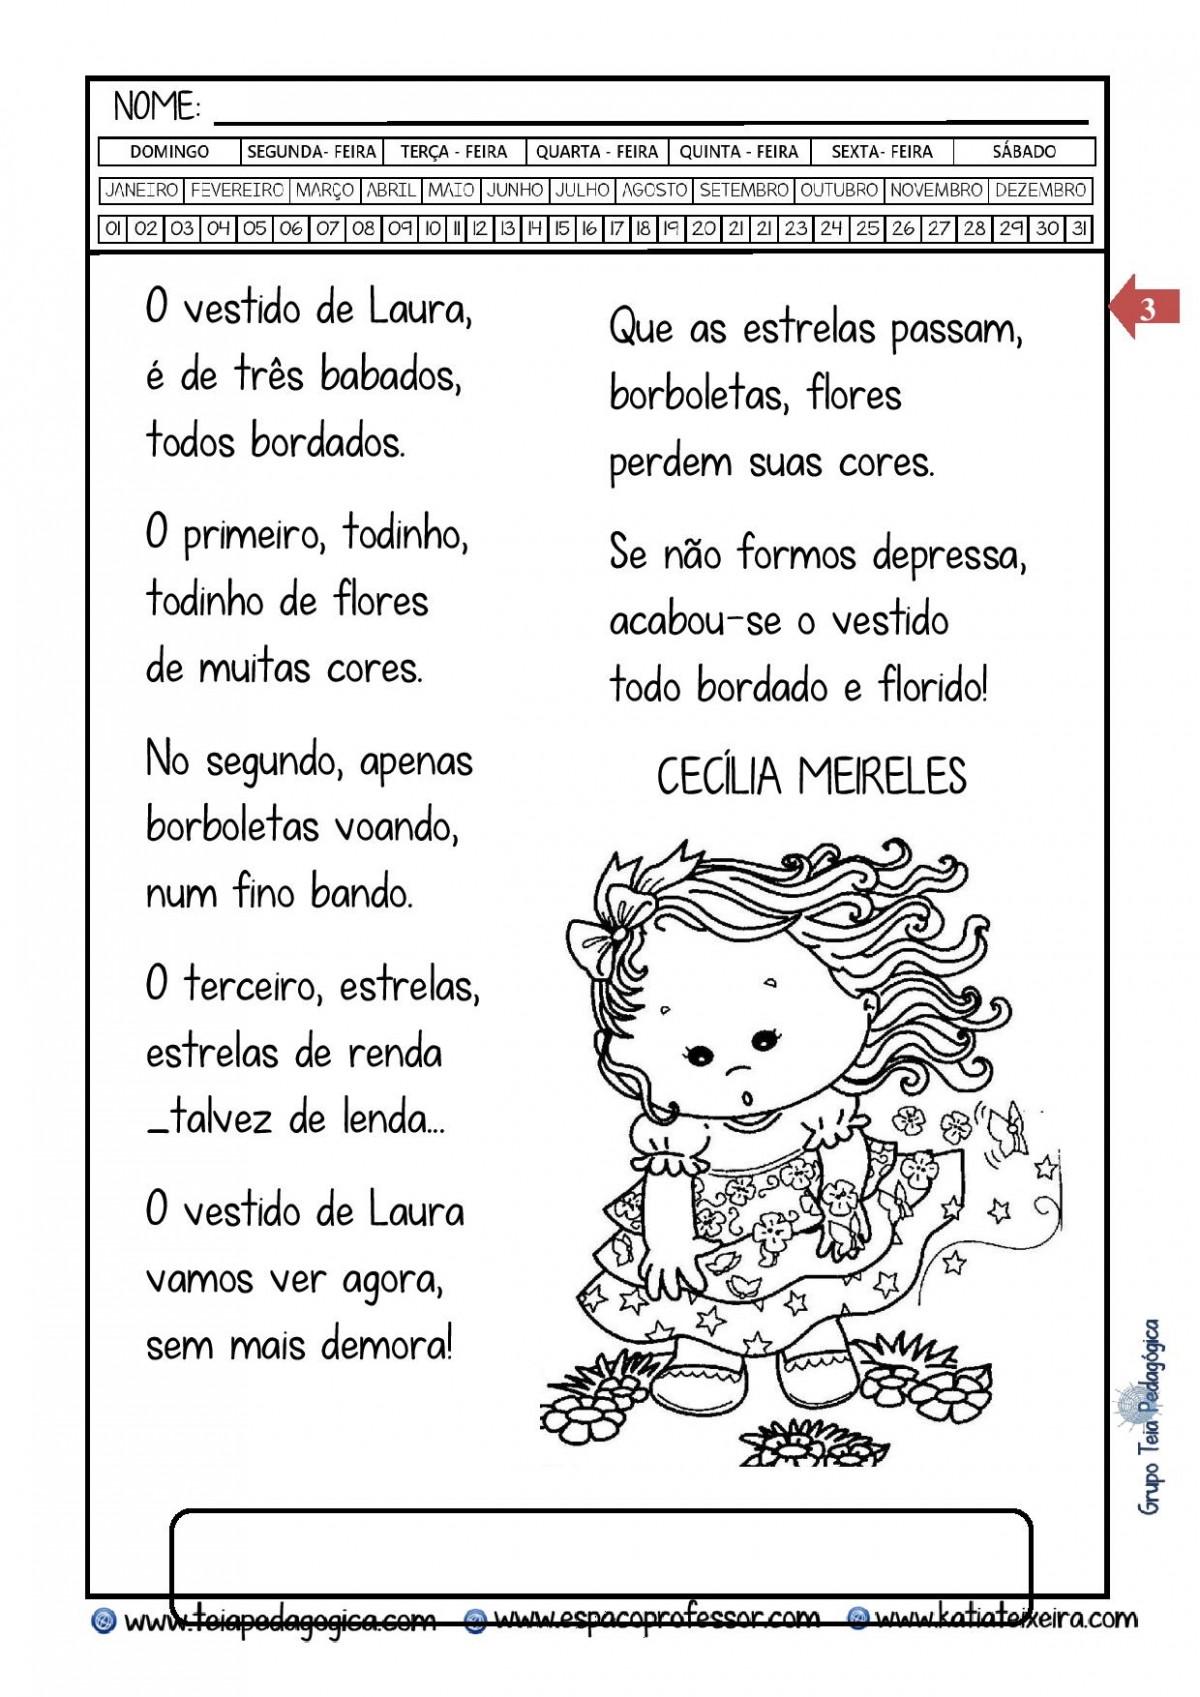 Foto2 - Caderninho BNCC O vestido de Laura 2º e 3º anos